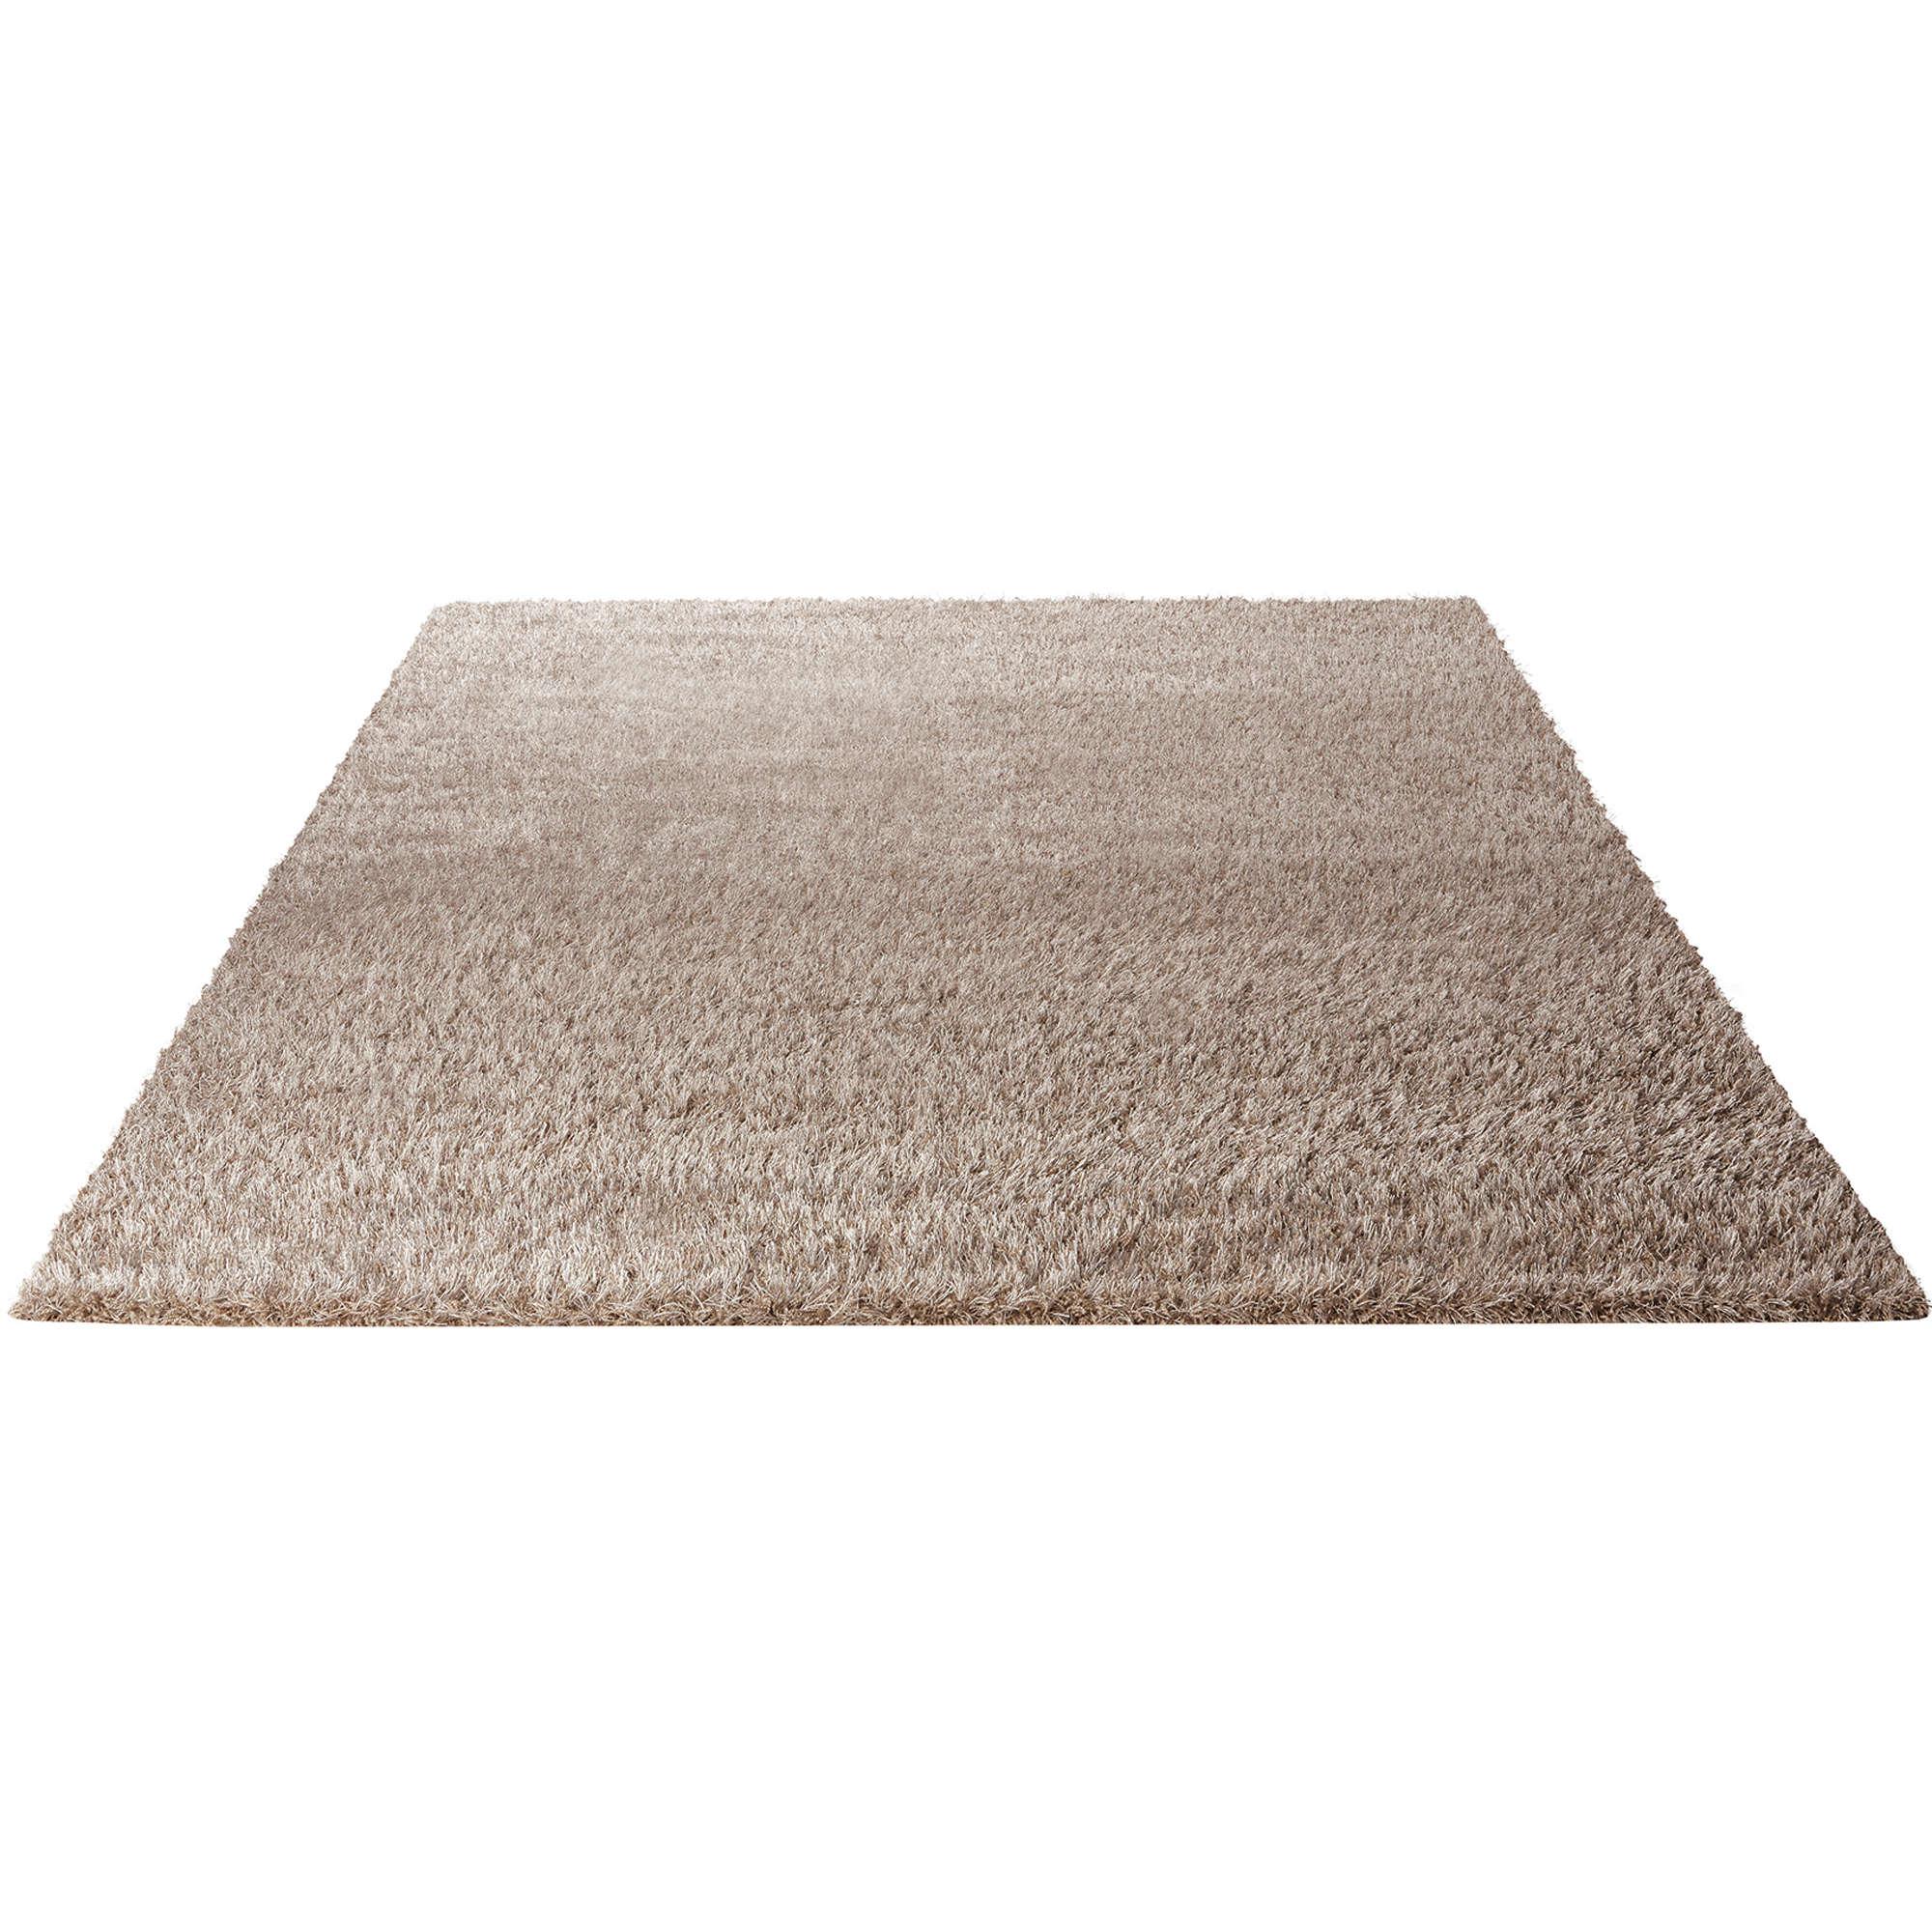 ESPRIT Teppich gewebt  eBay